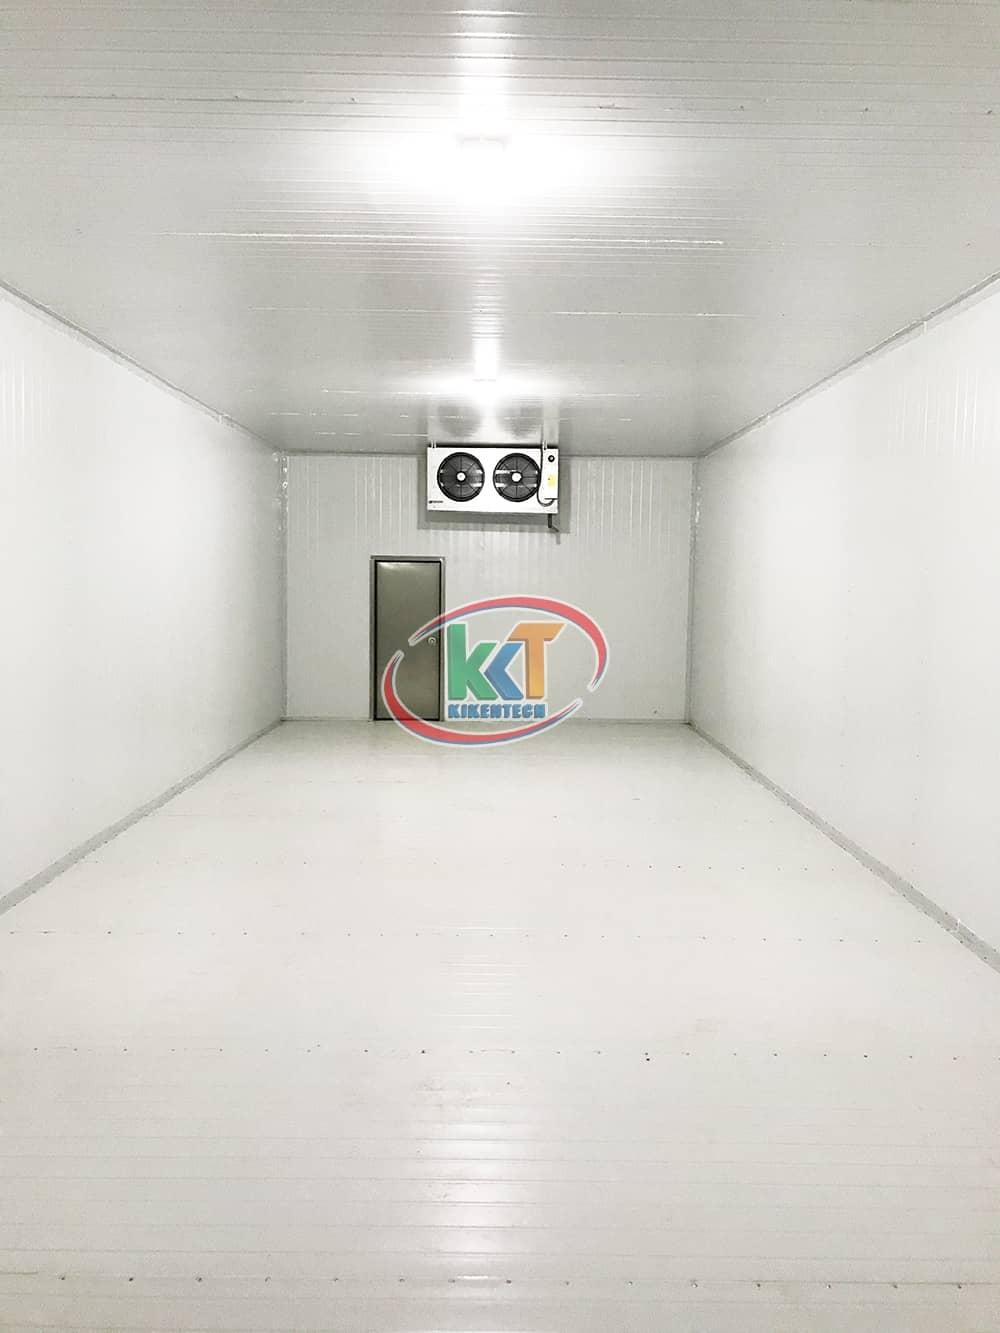 Dịch vụ lắp đặt kho lạnh tại Kikentech theo tiêu chuẩn Nhật Bản sử dụng máy móc công nghệ cao nhập khẩu nguyên cụm của Sungjin Hàn Quốc. Làm kho lạnh, lắp đặt kho lạnh uy tín chất lượng giá rẻ. Báo giá thi công lắp đặt kho lạnh bảo quản, kho lạnh công nghiệp liên hệ 0944.899.886